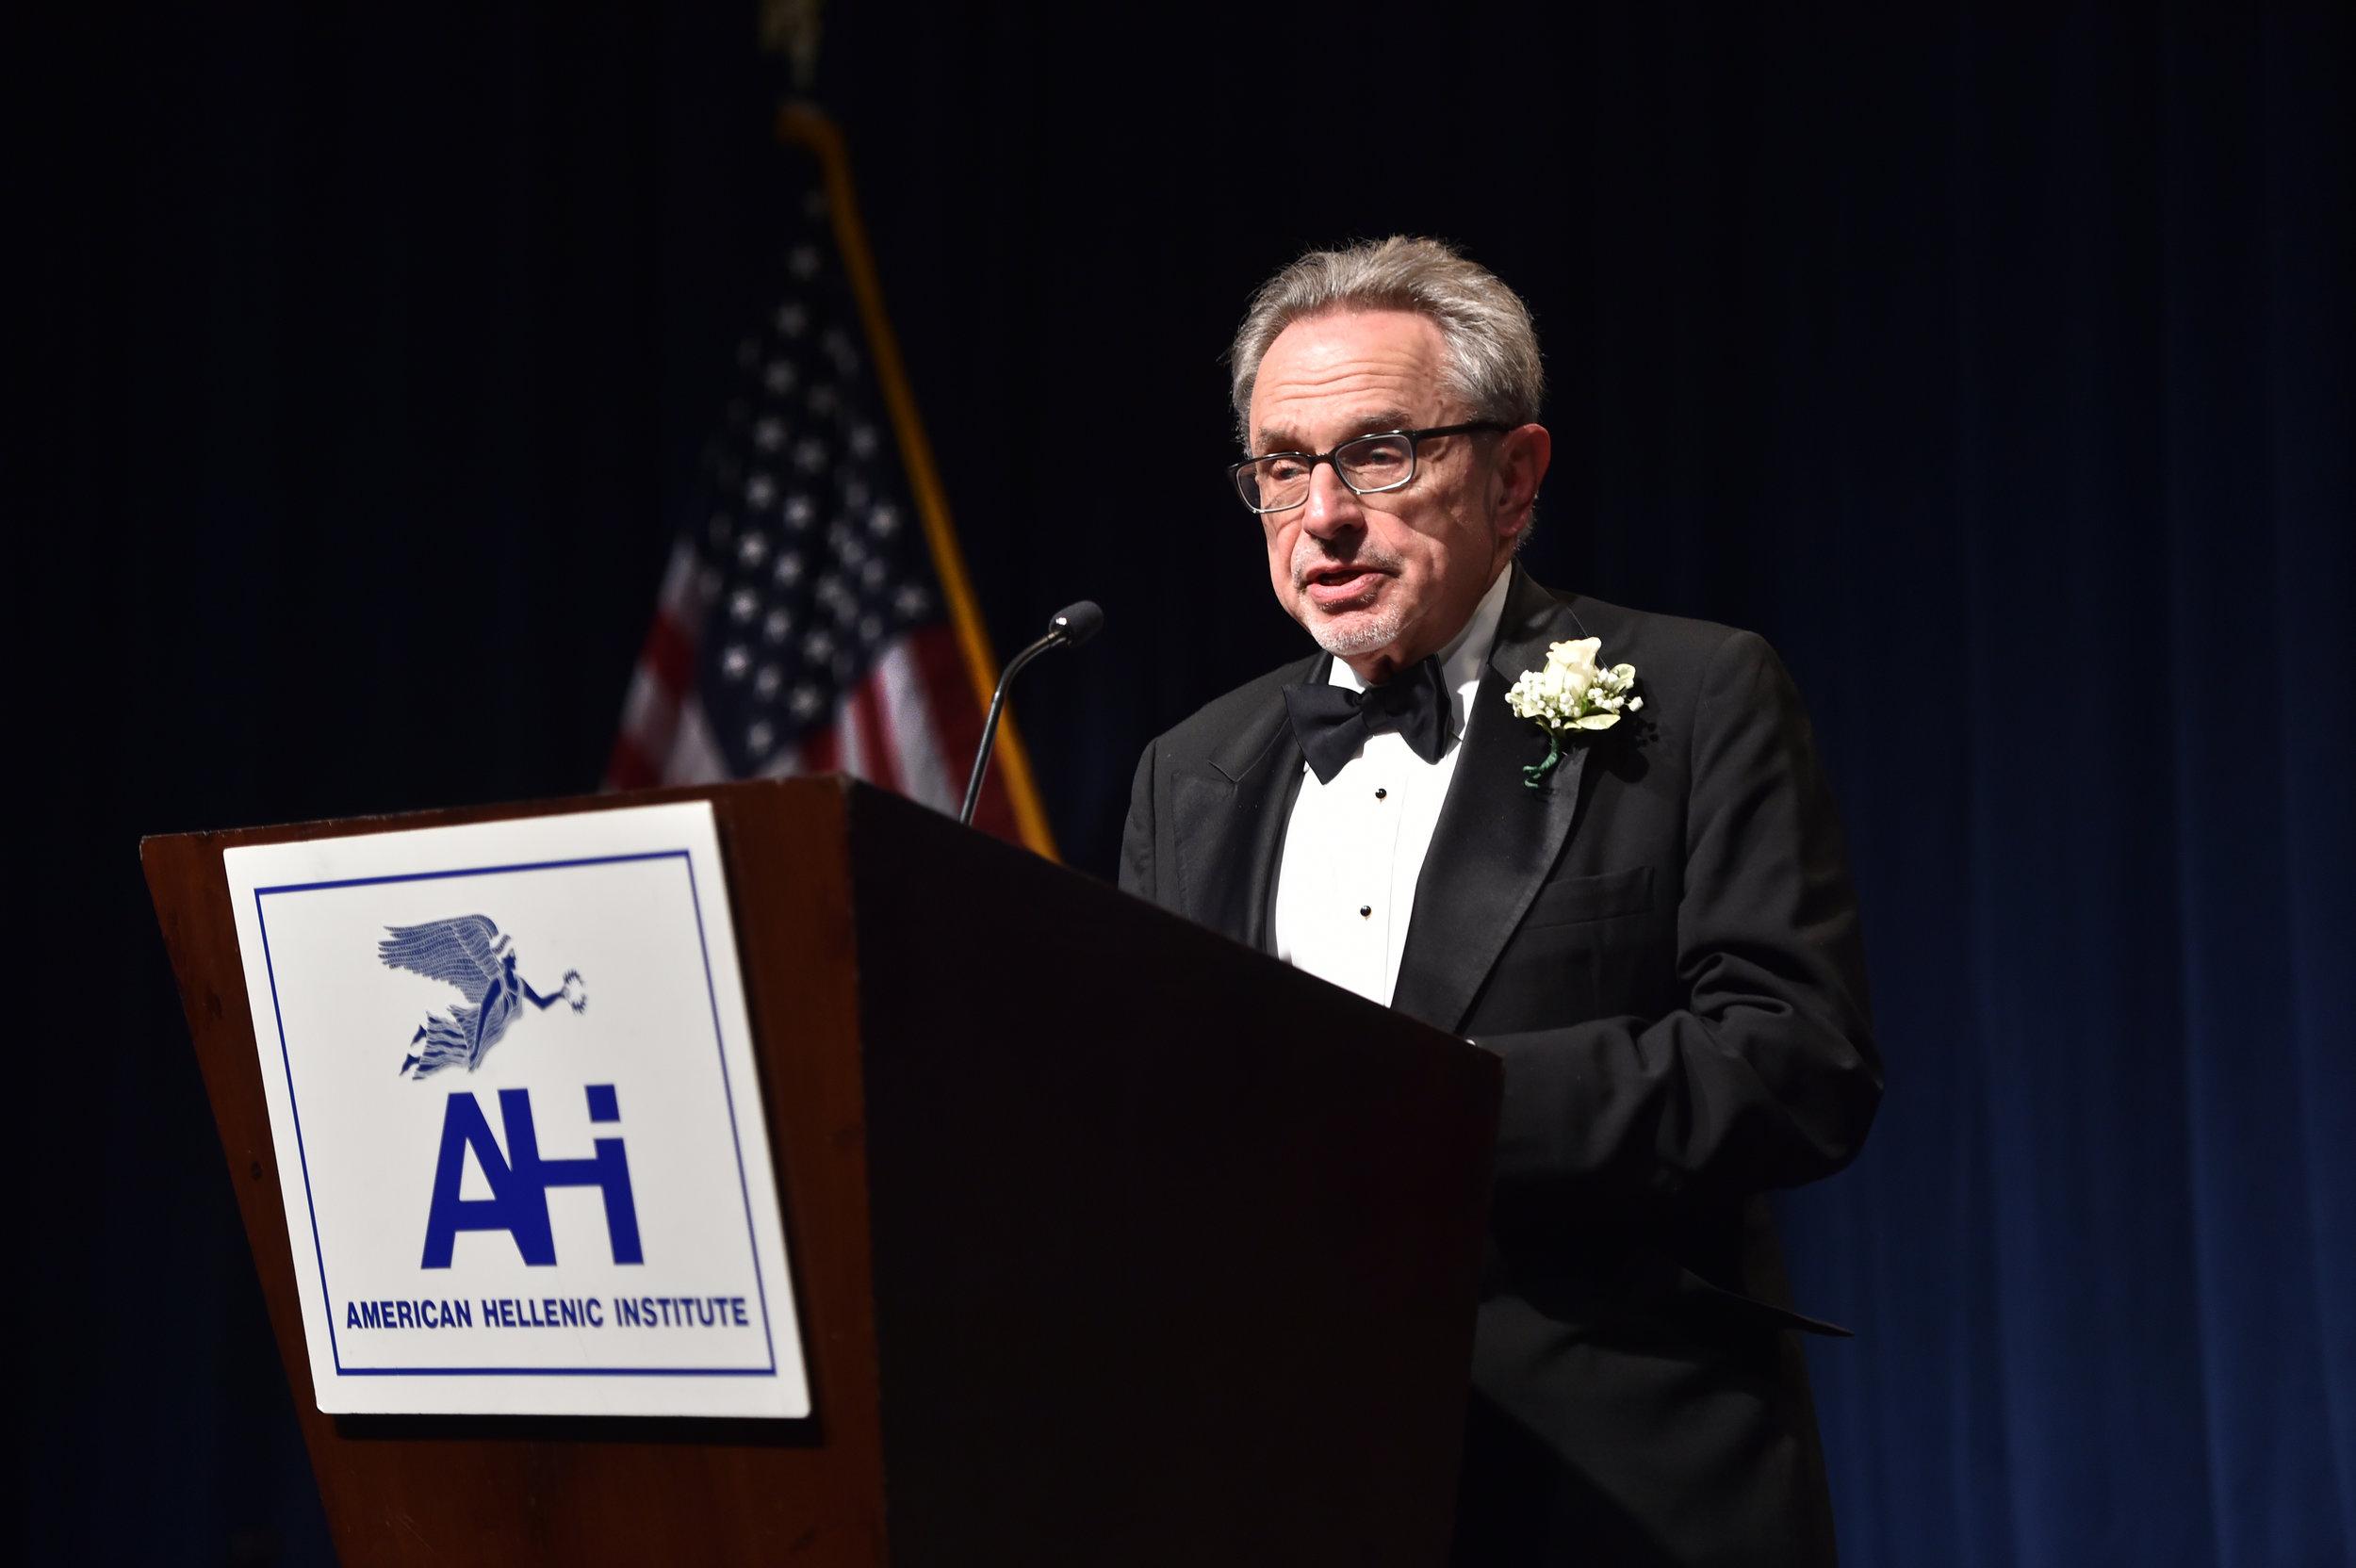 Honoree Ambassador Patrick Theros